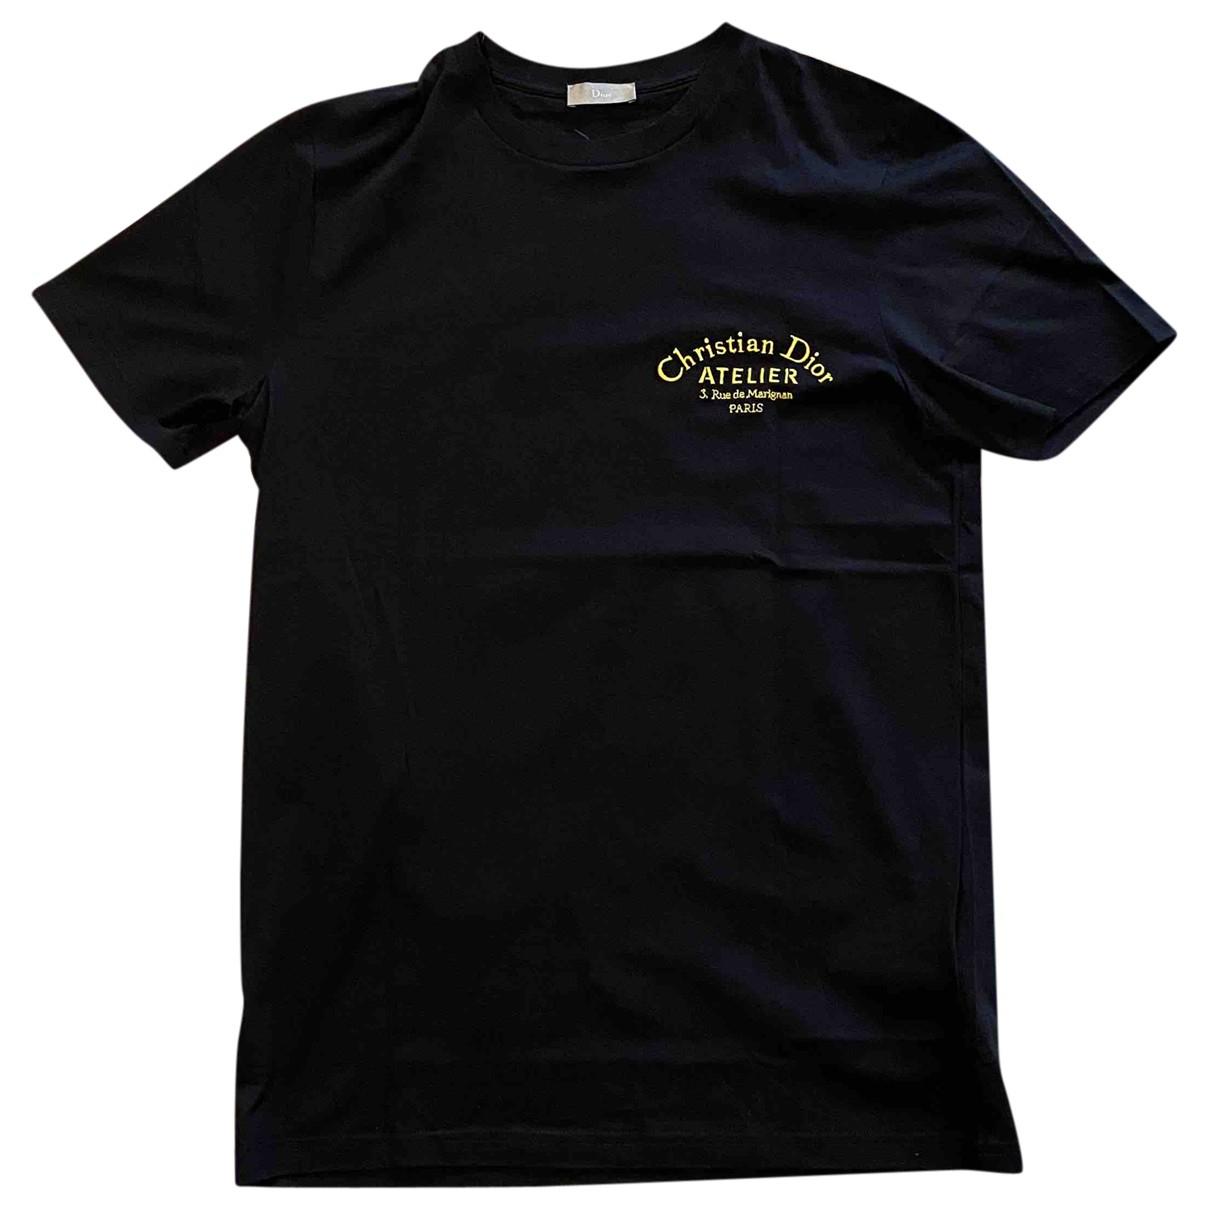 Christian Dior - Tee shirts   pour homme en coton - noir